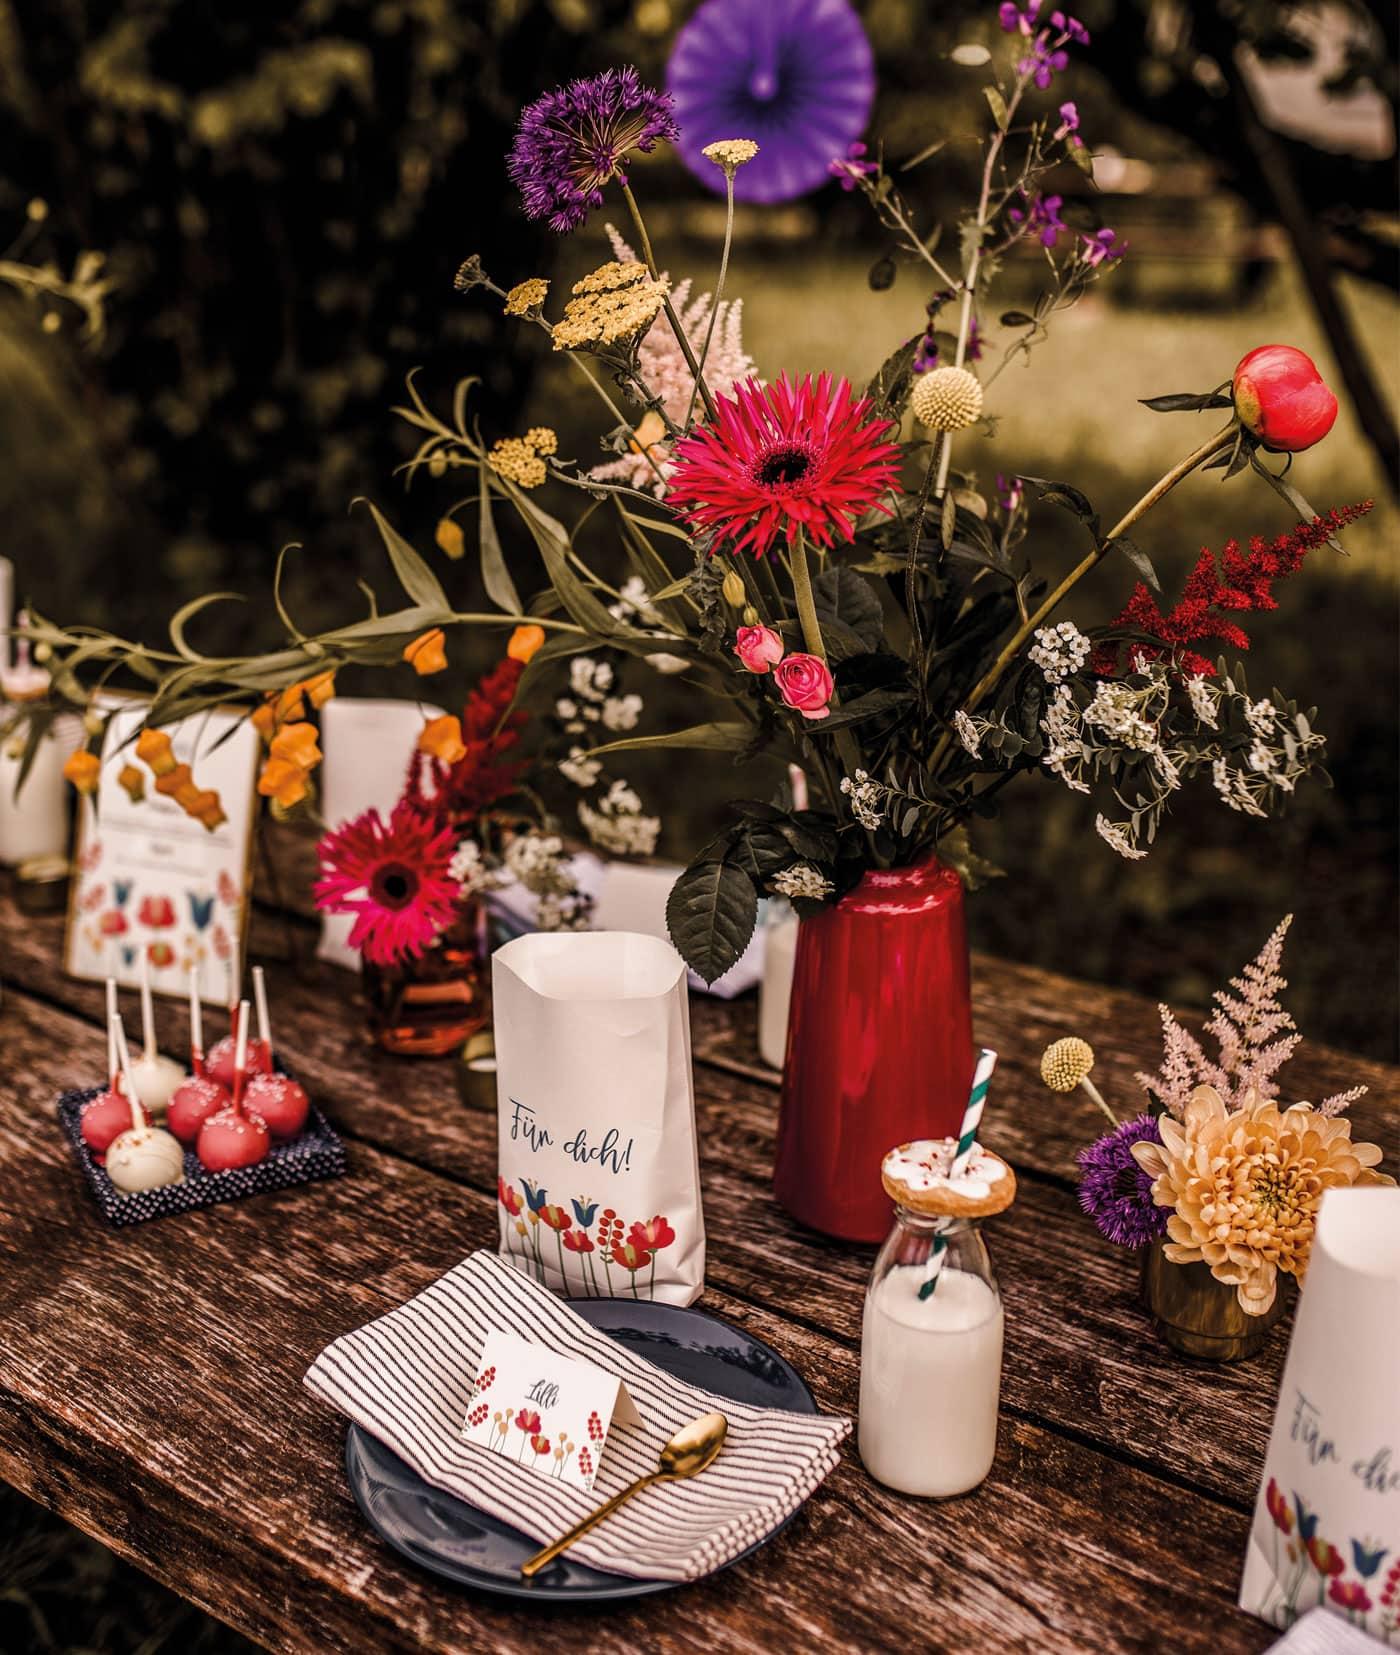 Deko mit kleinen Geschenken für die Kinder und Gäste // HIMBEER